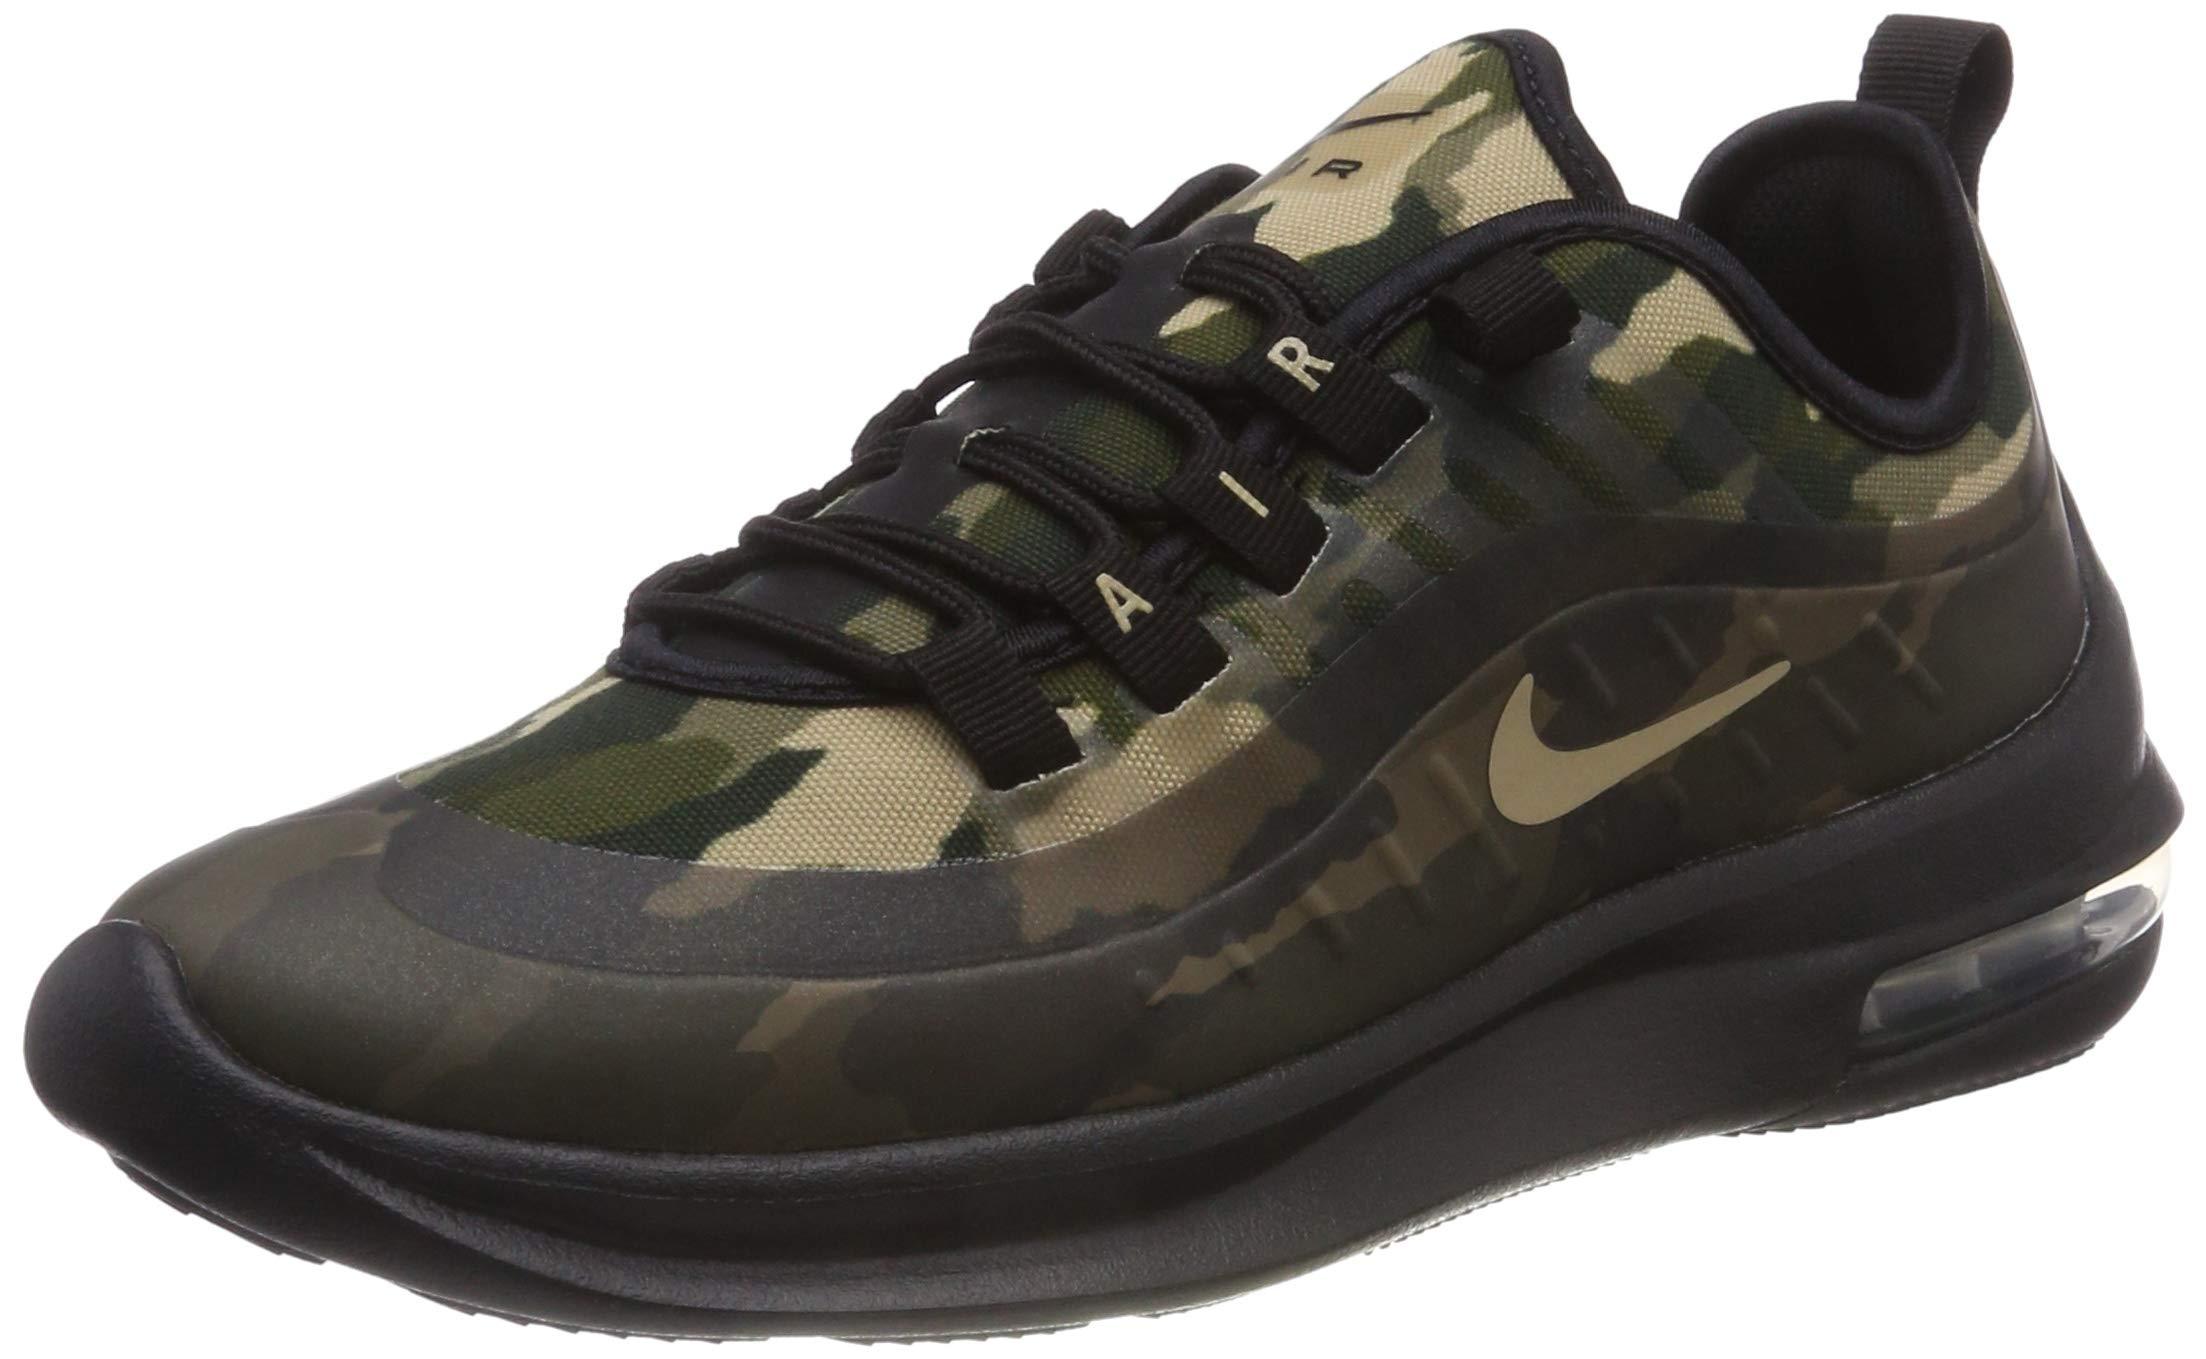 online retailer 7556a b1ab0 Galleon - Nike Men s Air Max Axis Premium Shoes (12, Black Tan)